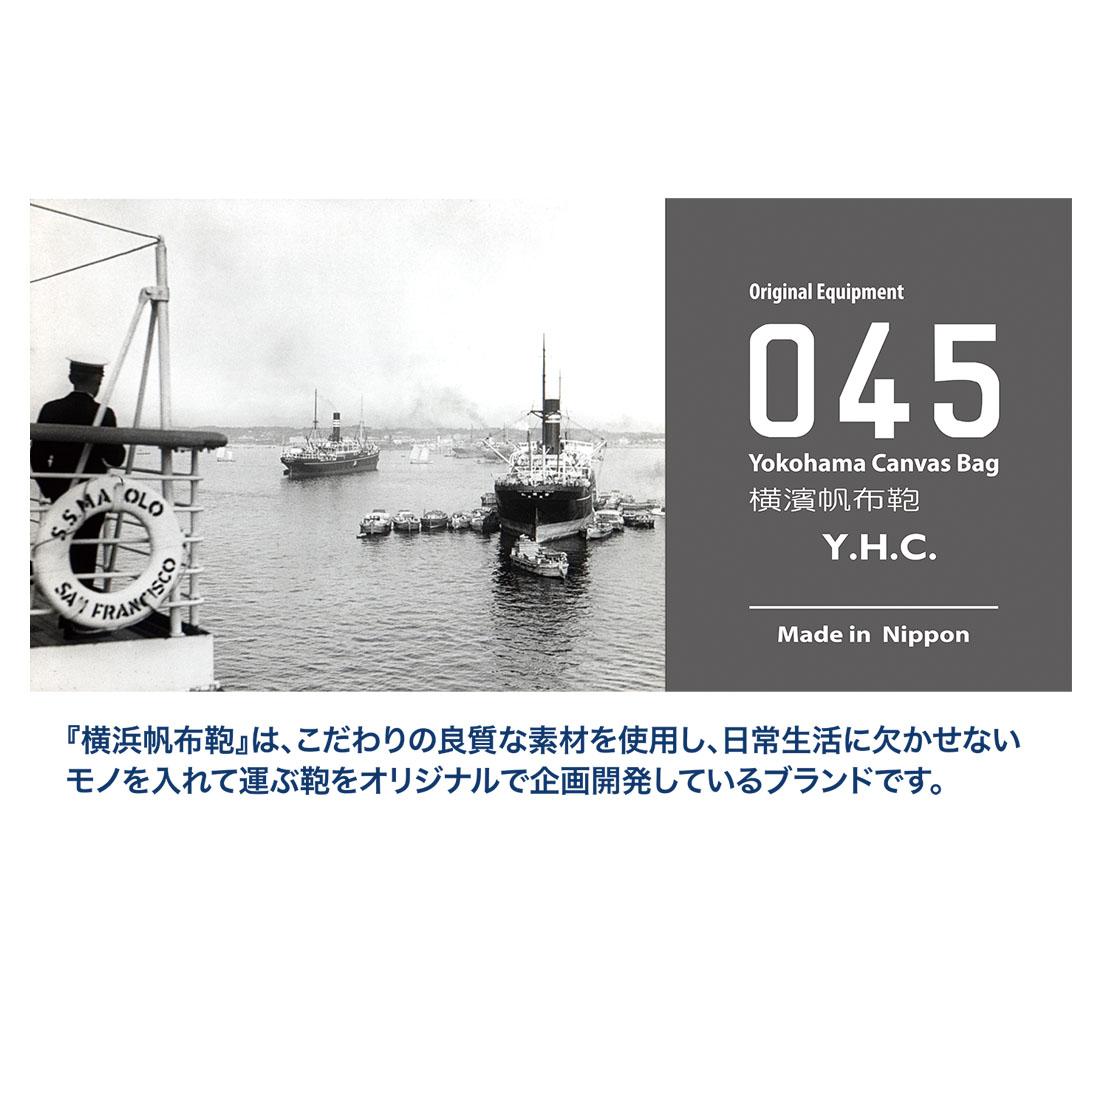 ミッフィー横浜045ボストンカラフル S NV